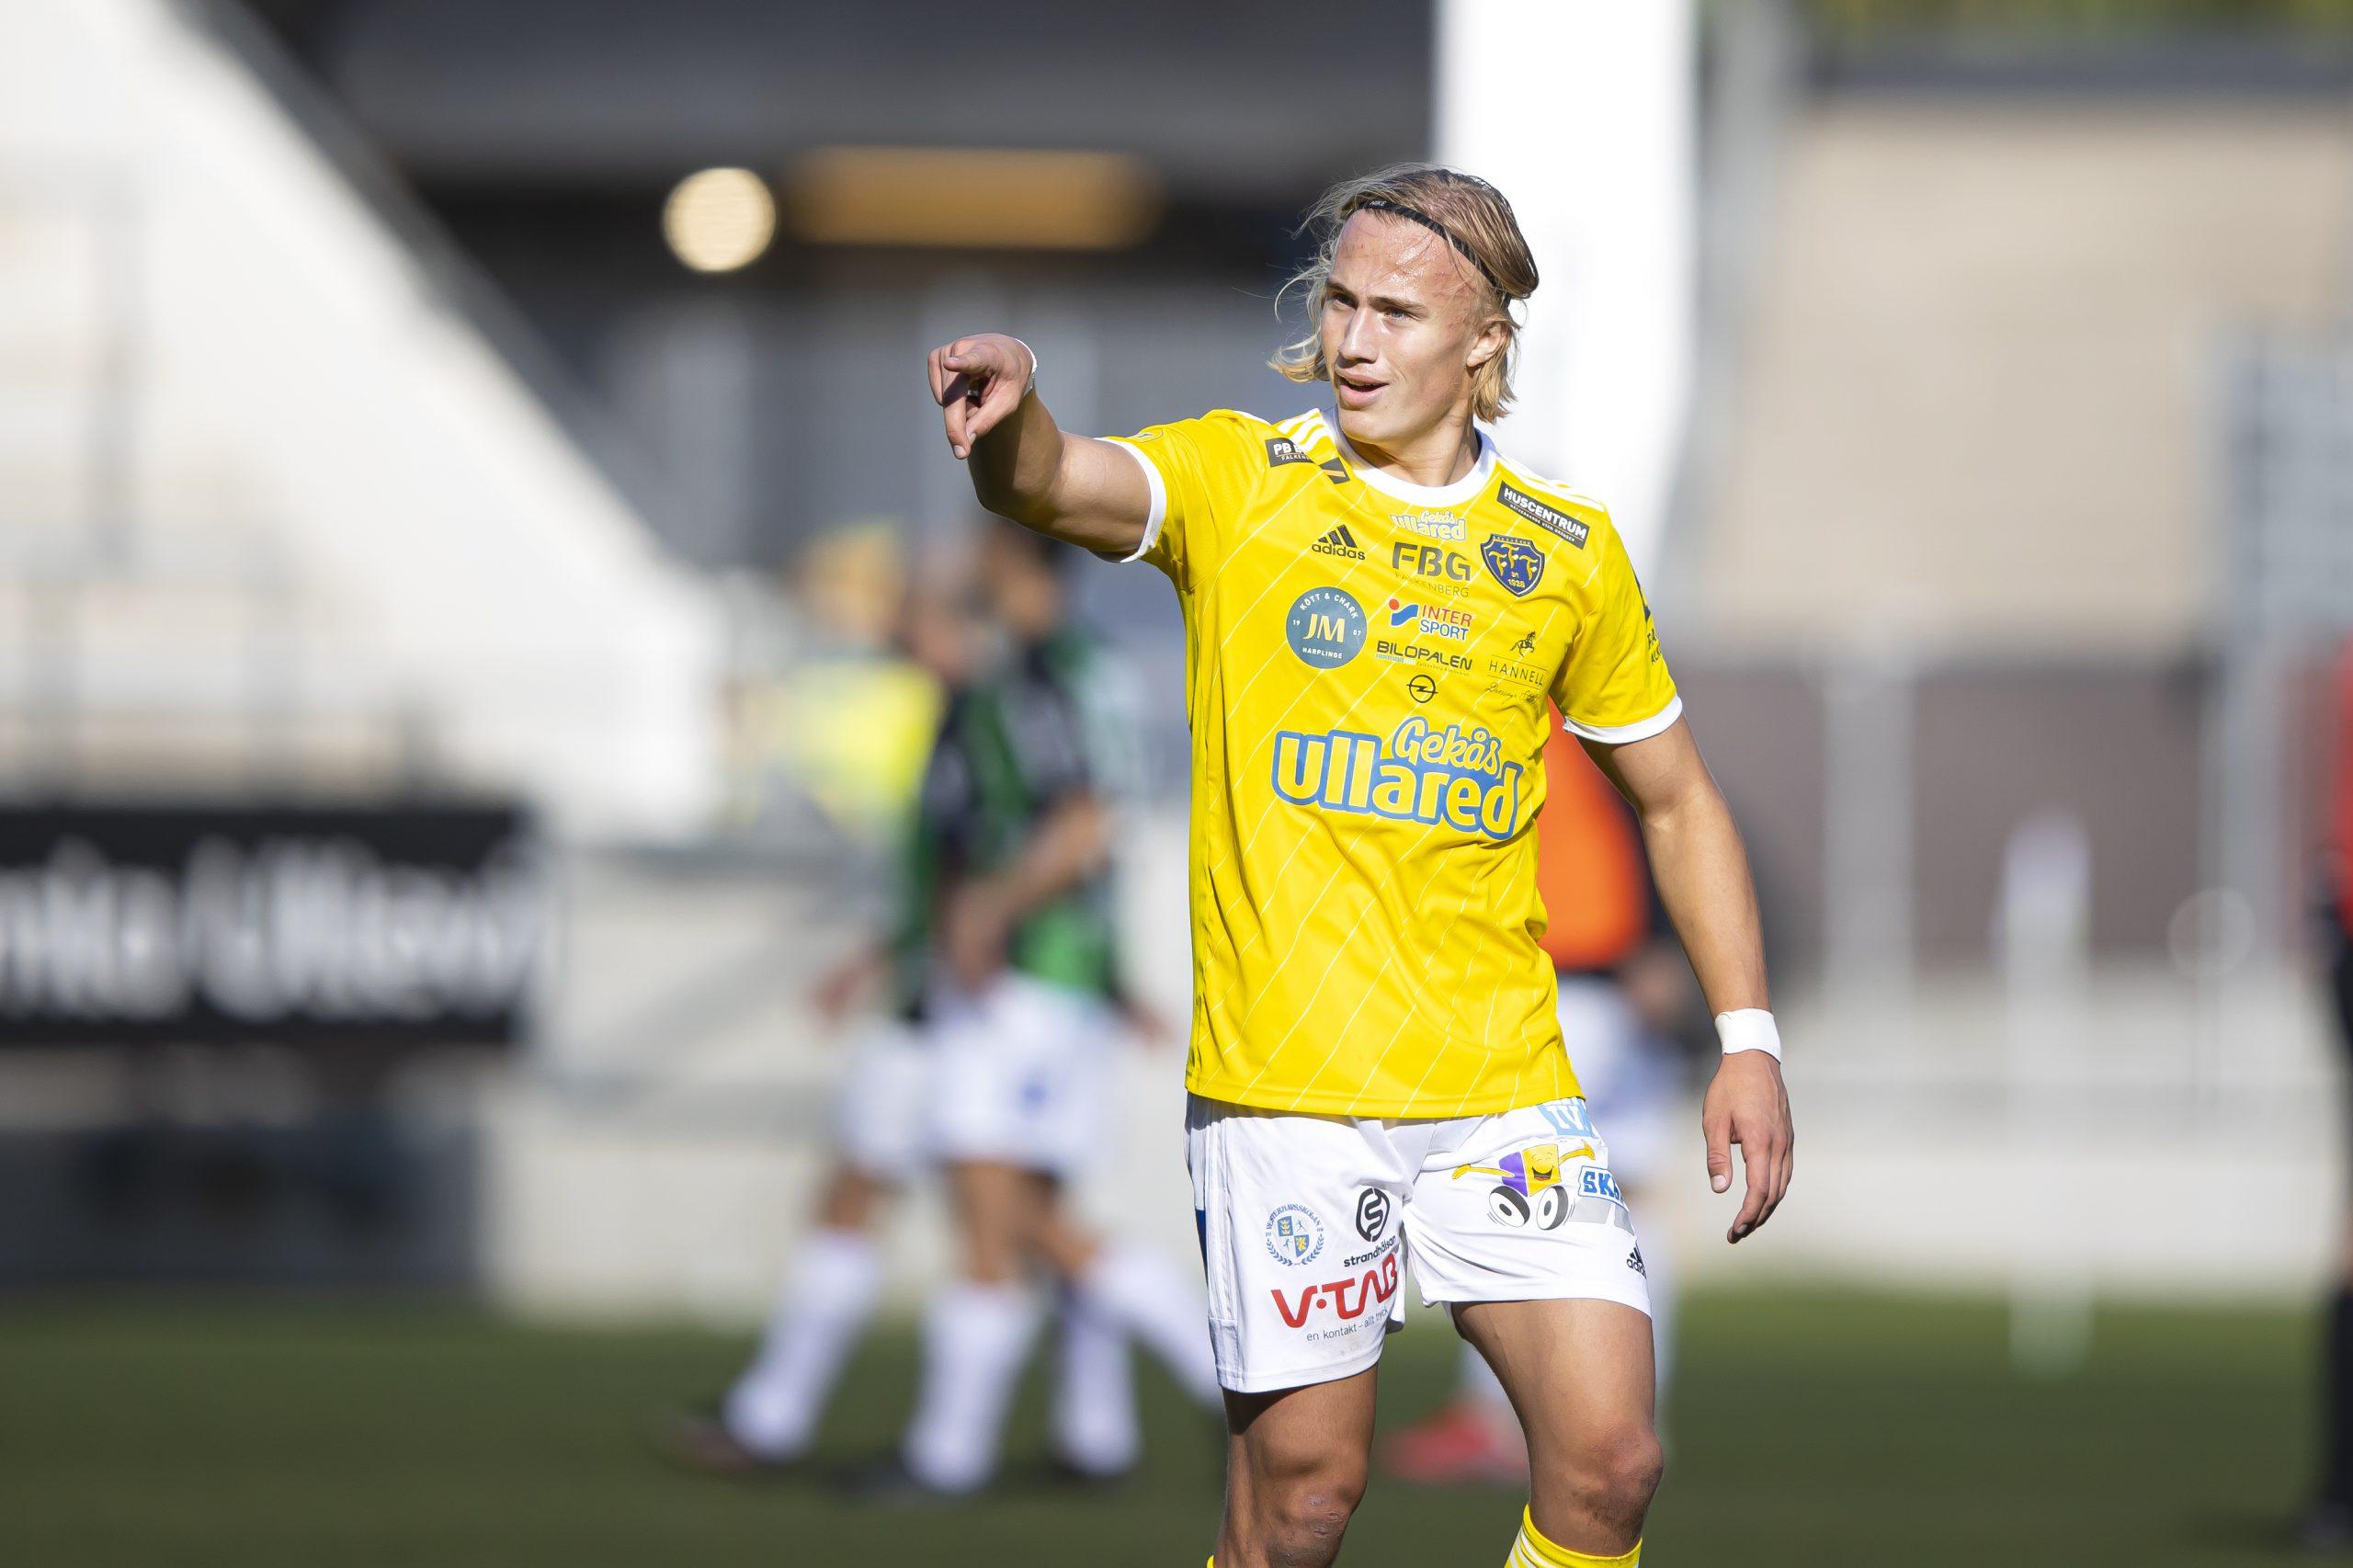 """U21 föll knappt mot Häcken: """"Den bästa U21-match jag varit med på"""""""